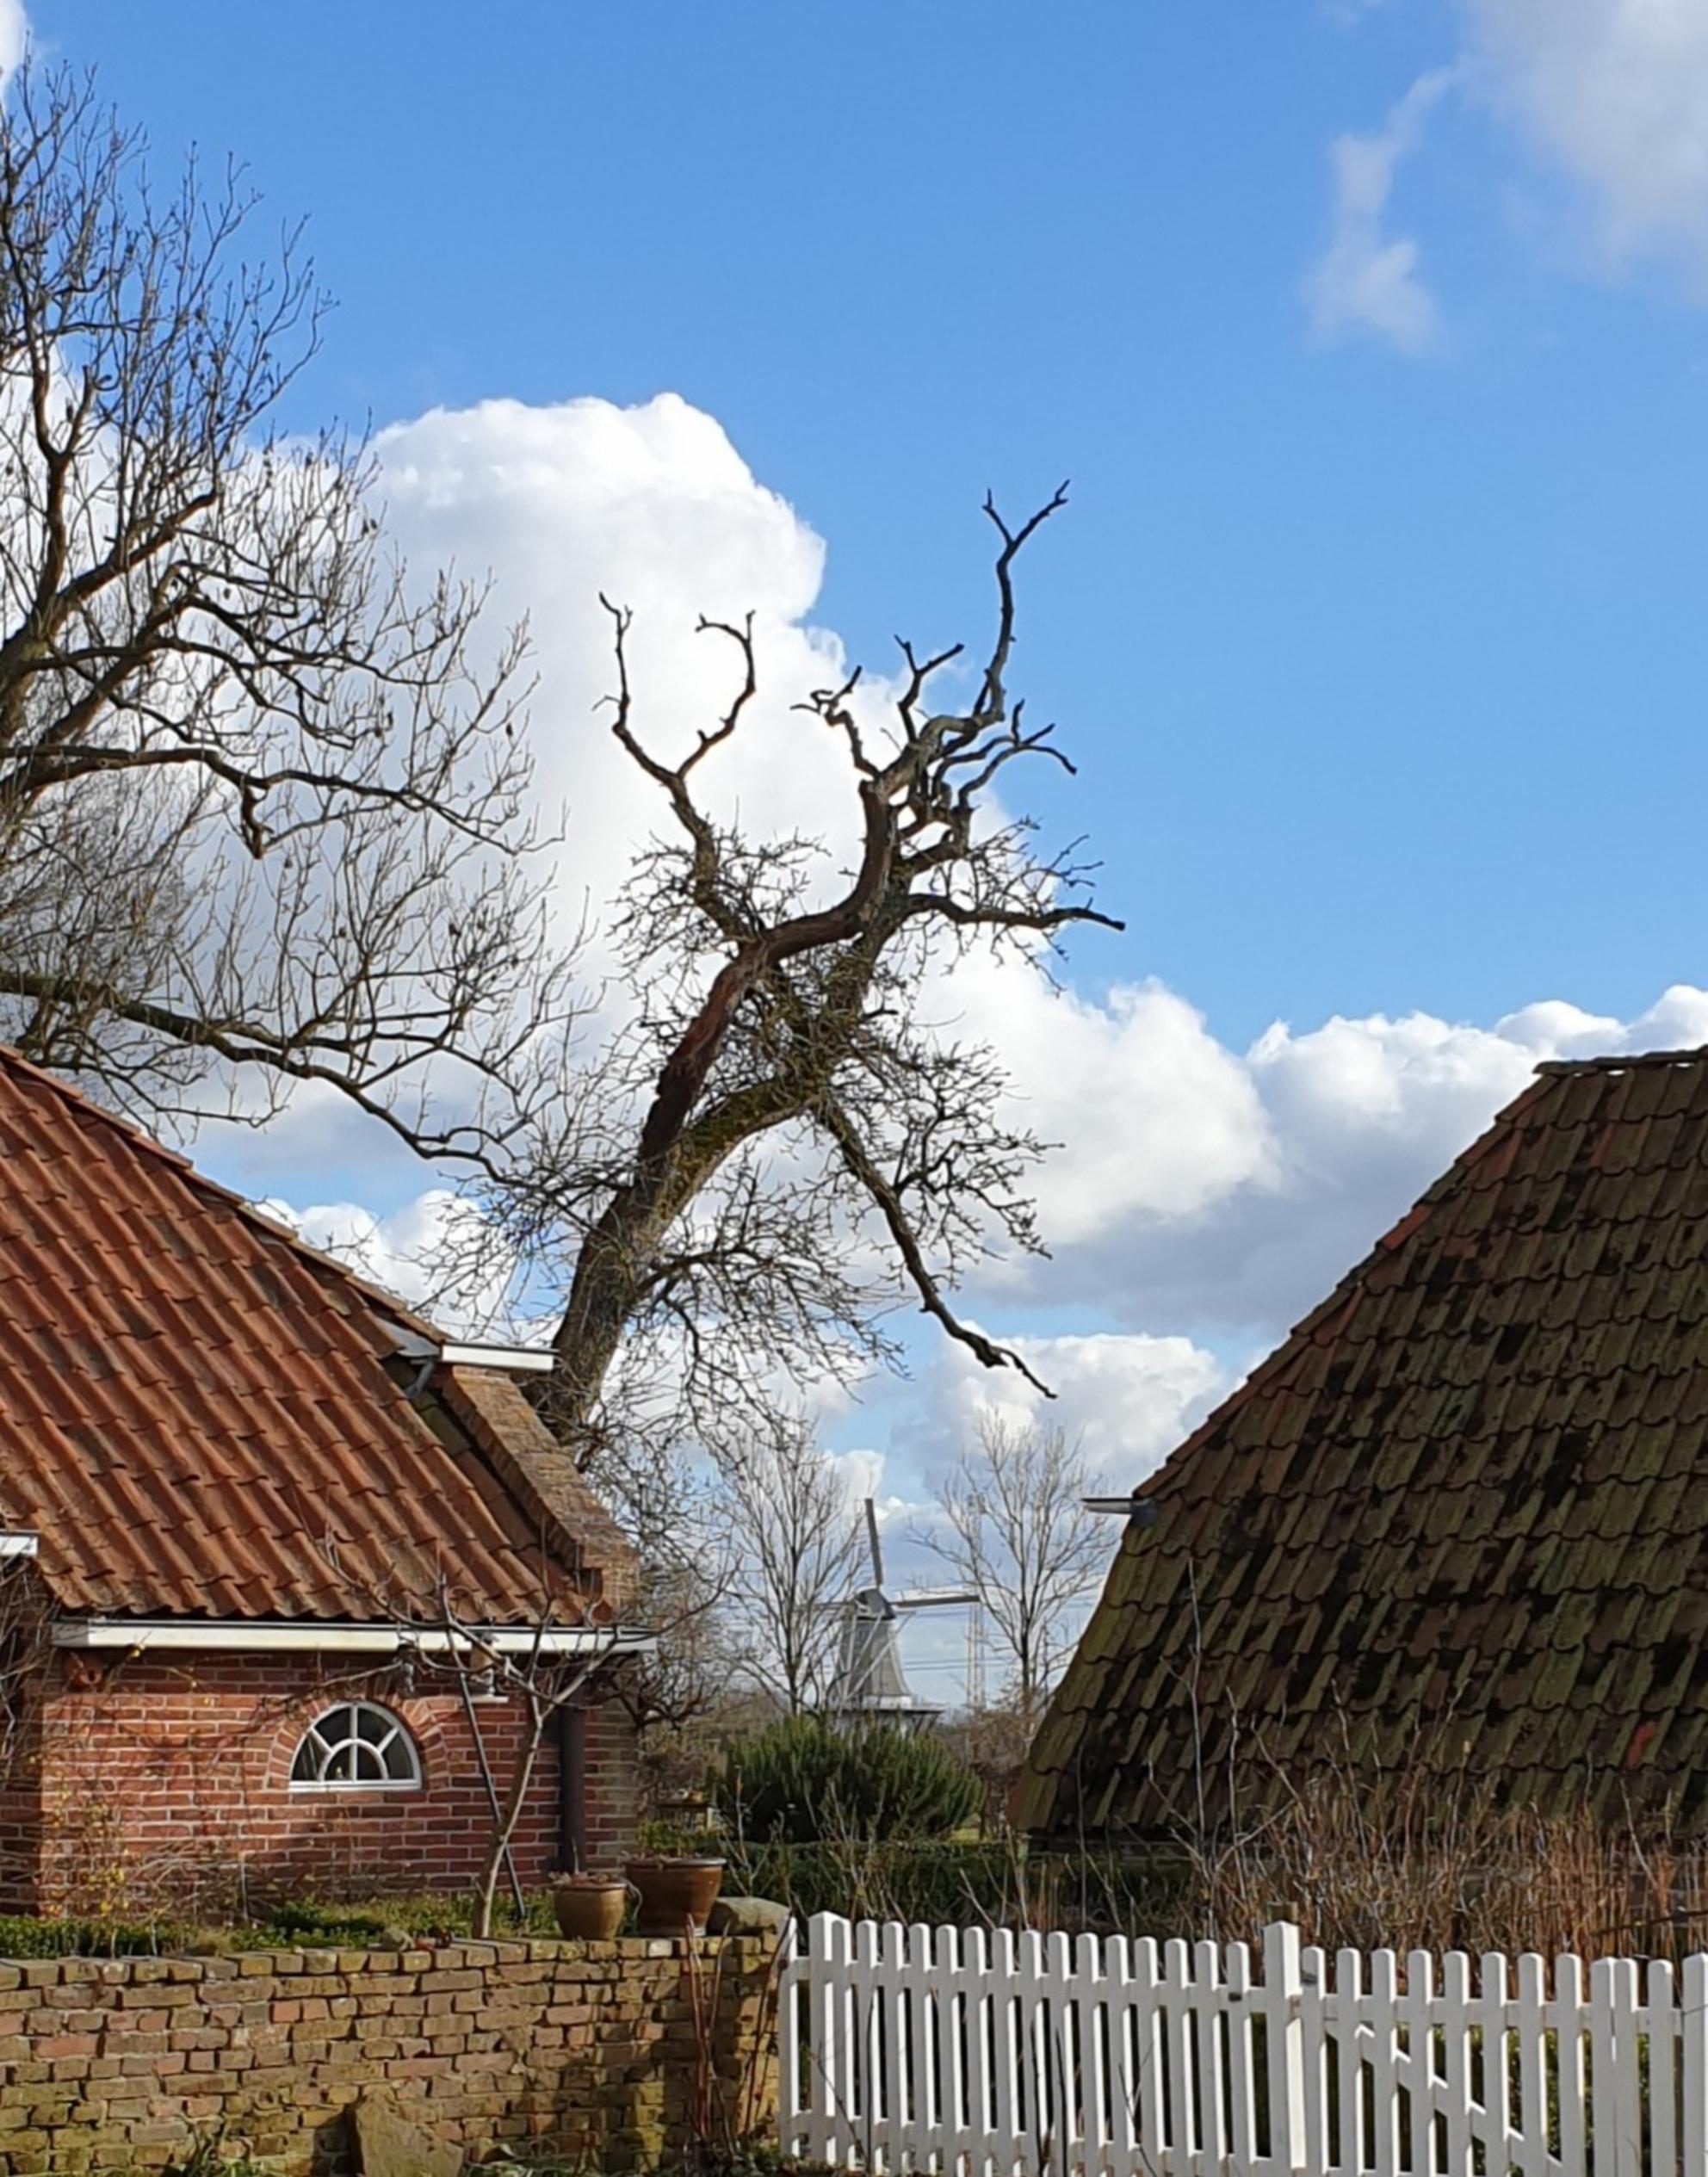 Molen Wetsinge - Vanuit Grootwetsinge de molen in Kleinwetsinge  gr Bets - foto door cgfwg op 07-03-2021 - Deze foto mag gebruikt worden in een Zoom.nl publicatie